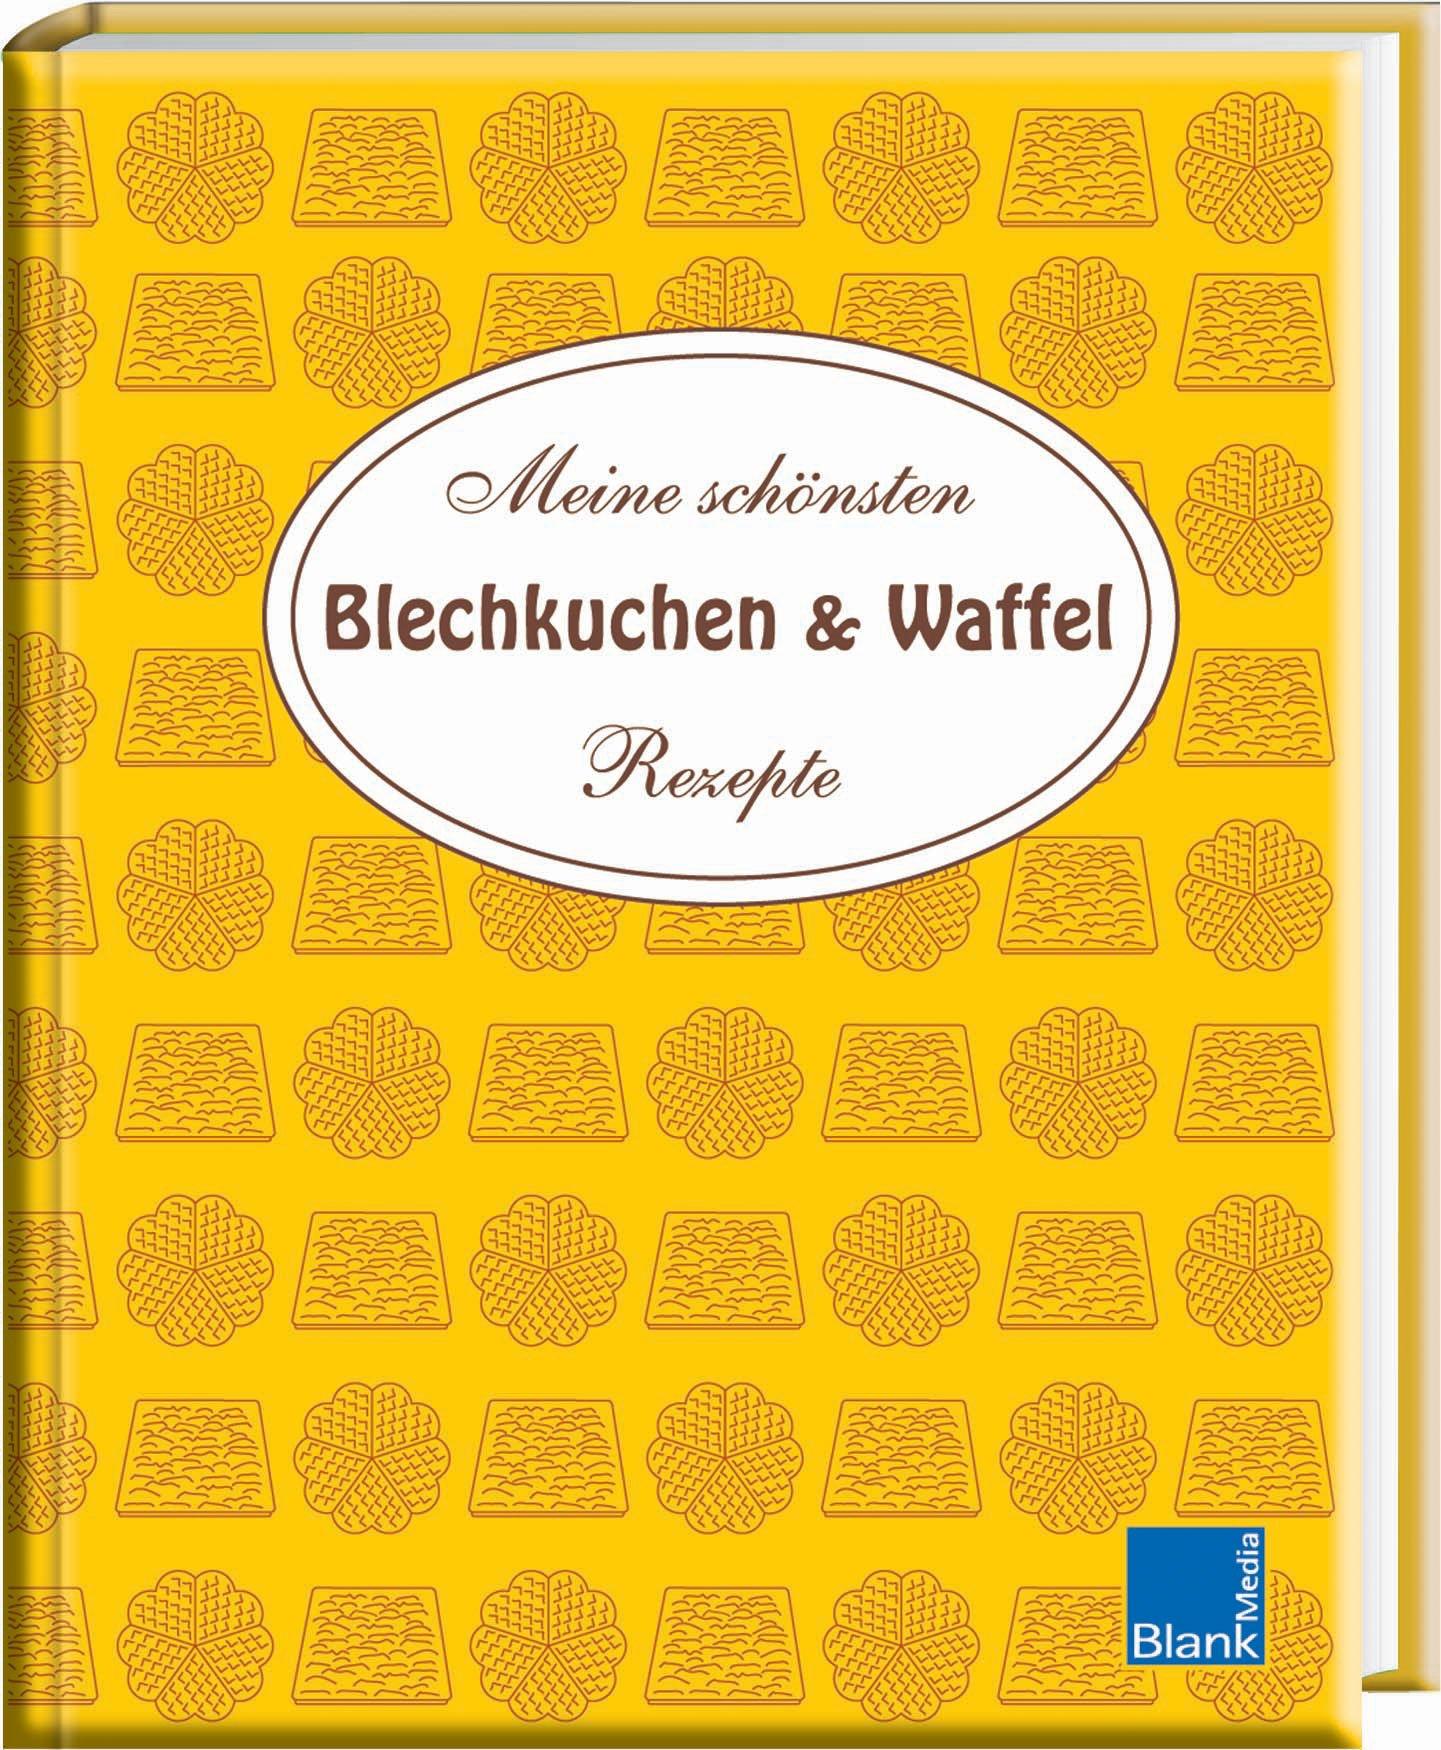 Blechkuchen & Waffel: Meine schönsten Rezepte